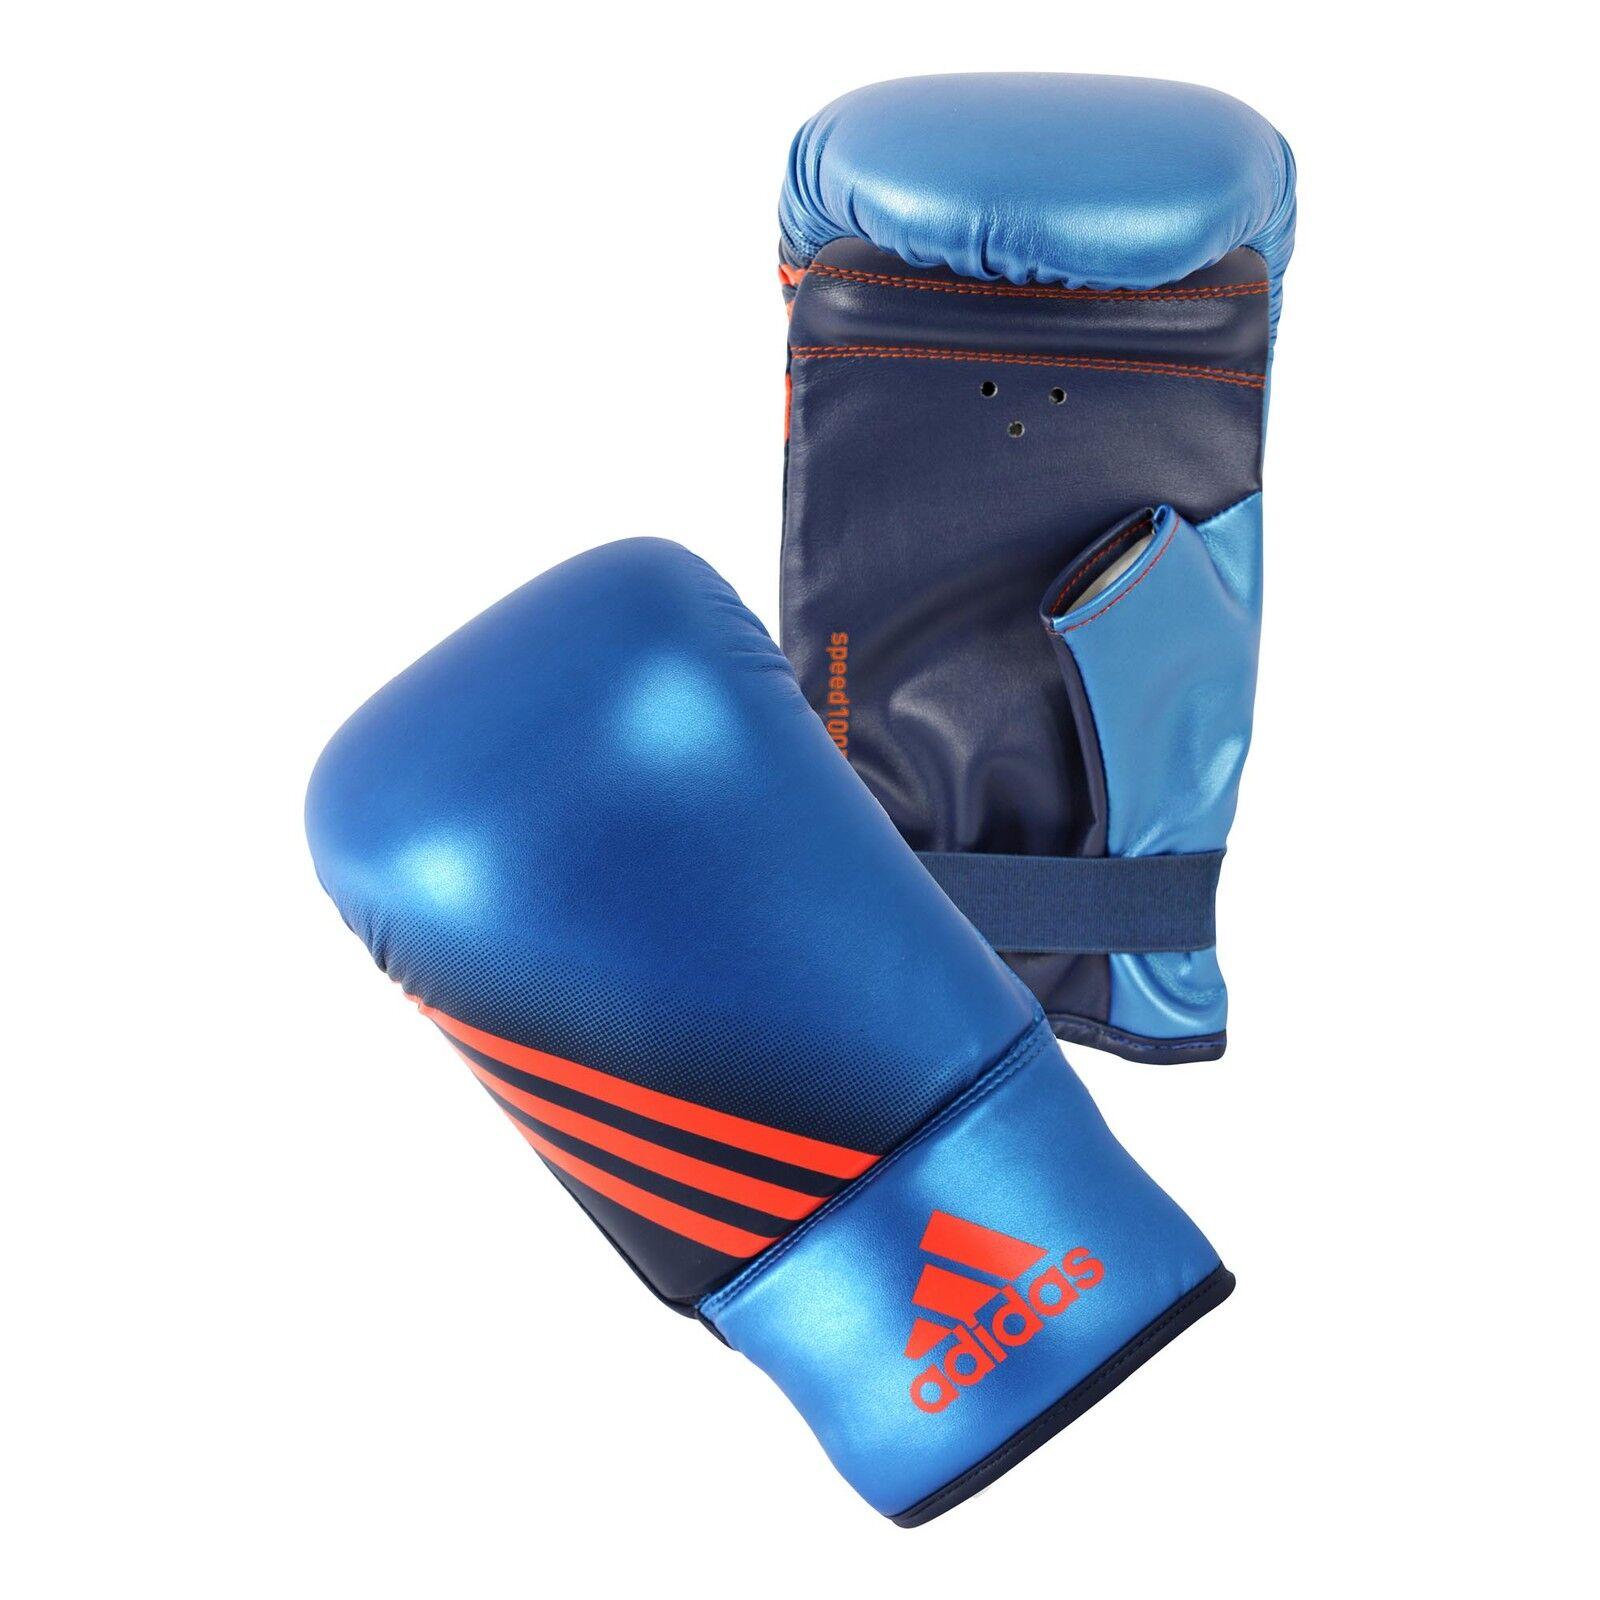 Adidas Sandsackhandschuhe Speed 300 Bag Glove ADISBGS300. S M L XL. Kalbsleder